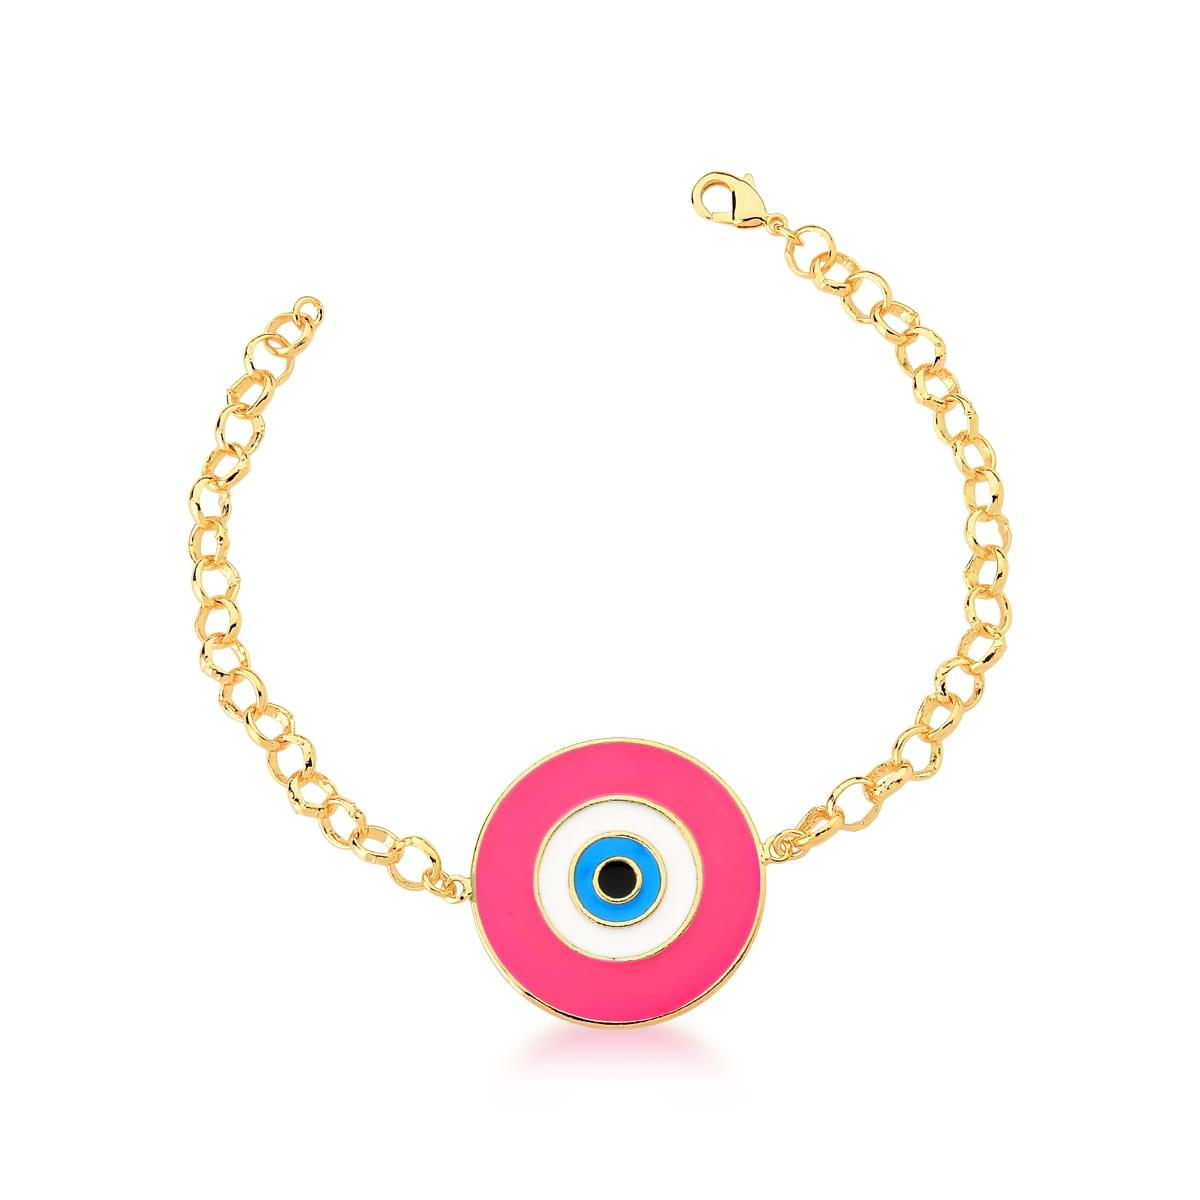 Pulseira com Elos e Pingente de Olho Pink Banhada a Ouro